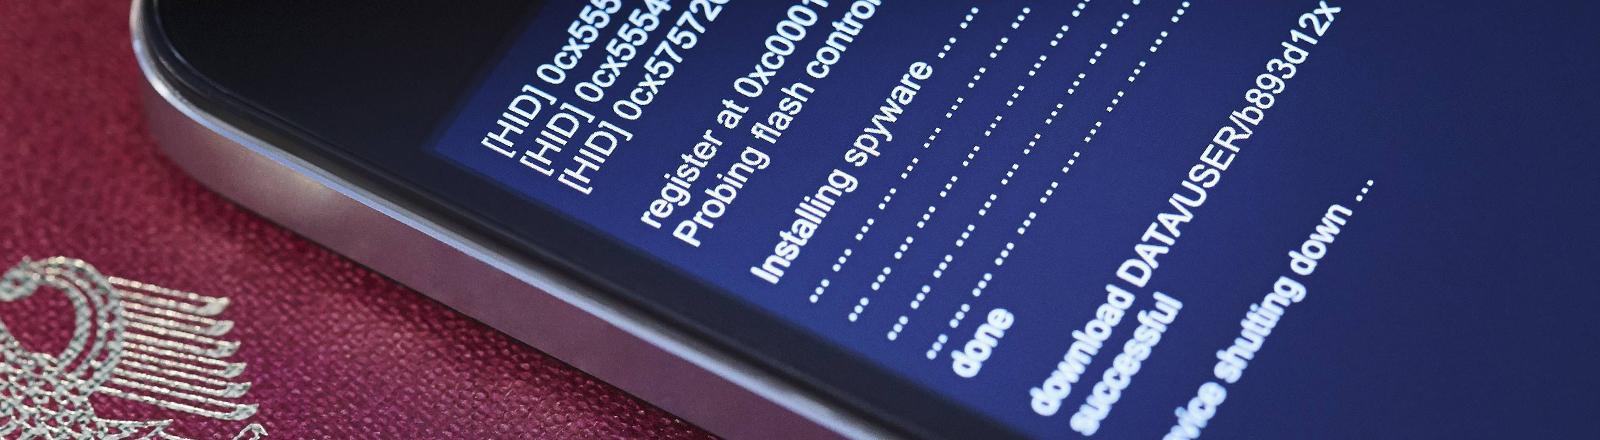 Auf einem Handy wird Spysoftware installiert.